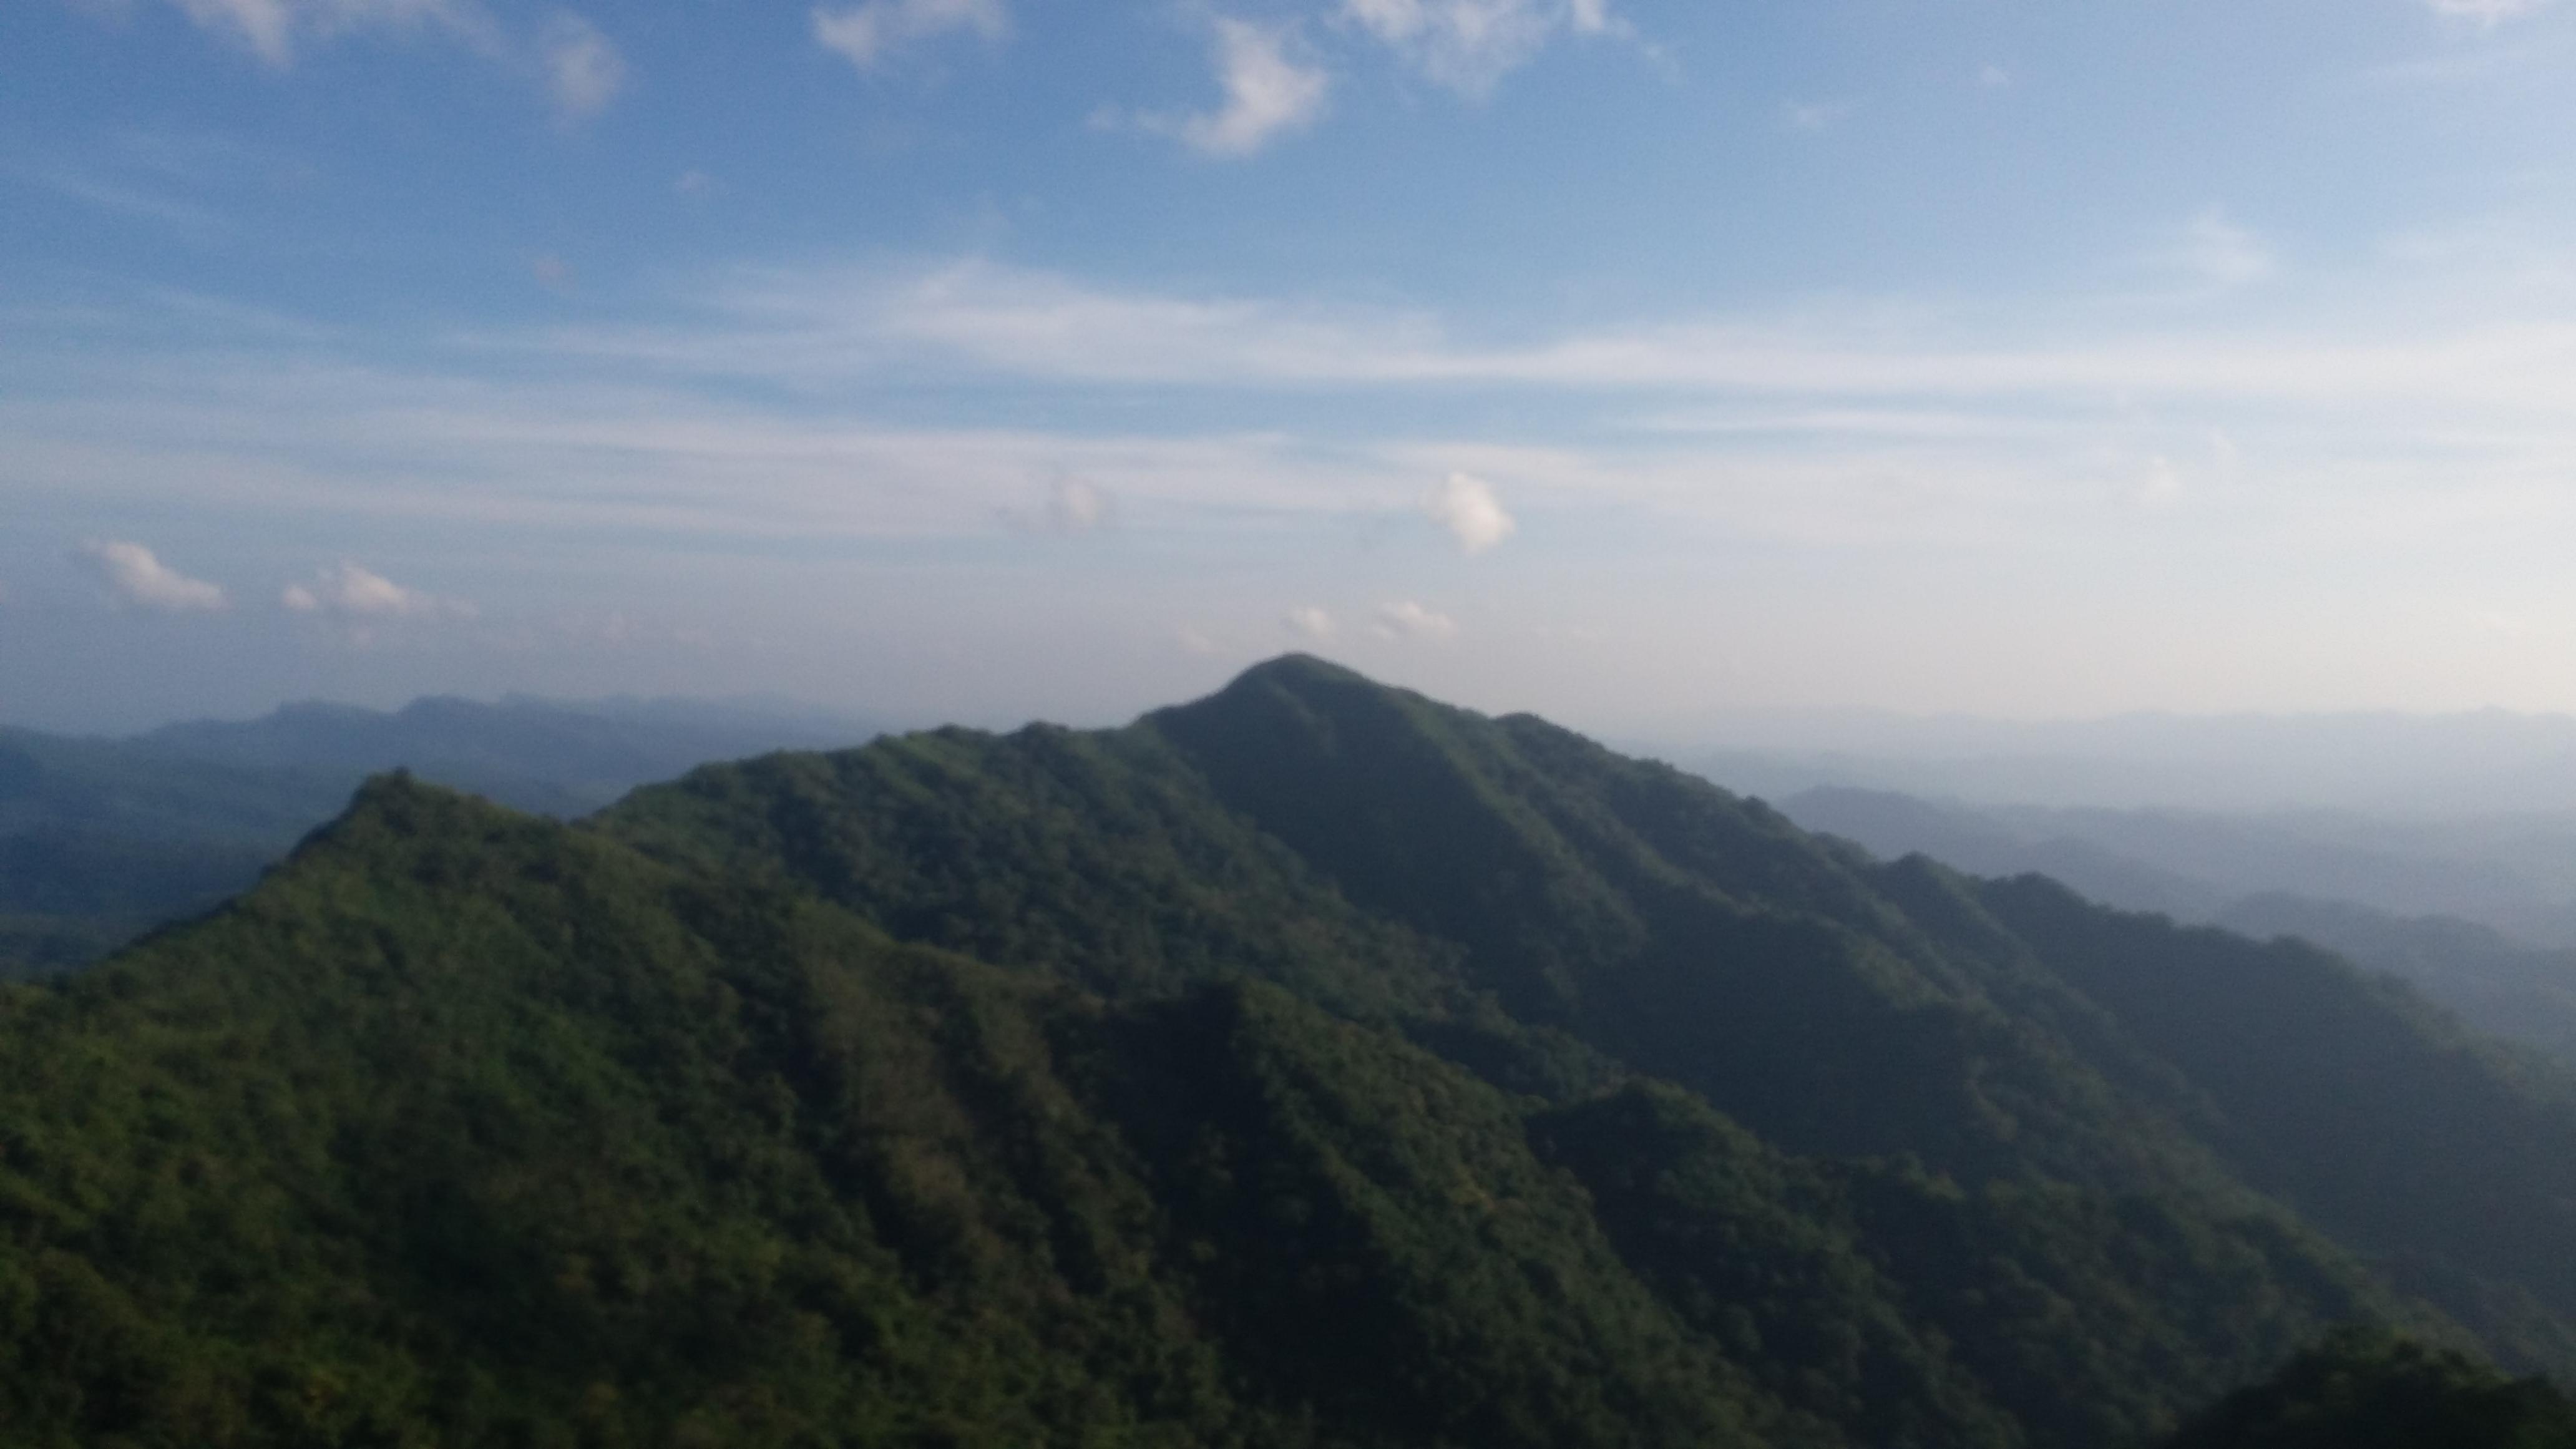 চিত্র:যোগী হাফং থেকে আইয়াং ত্লং চূড়া (১ম) এবং জো-ত্লং চূড়া (২য়).jpg -  উইকিপিডিয়া